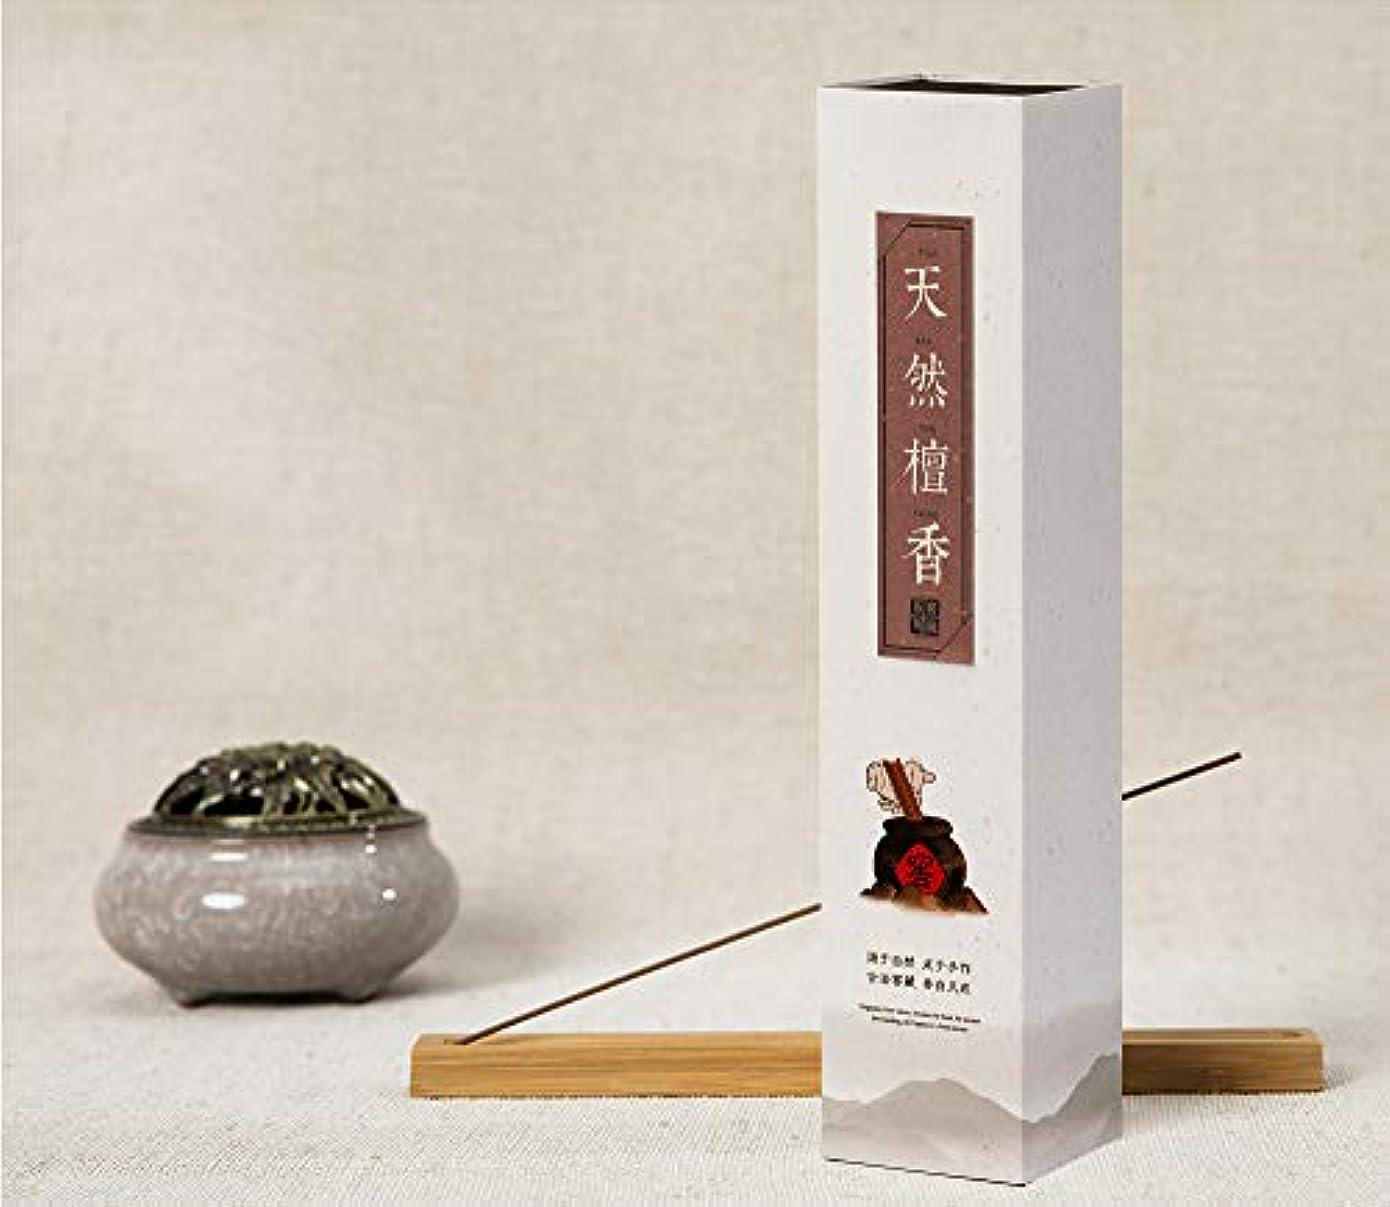 適度な落胆する狂人HwaGui - お線香 天然檀香 インセンス 香るスティック 養心安神 お香ギフト 21cm 0.75時間